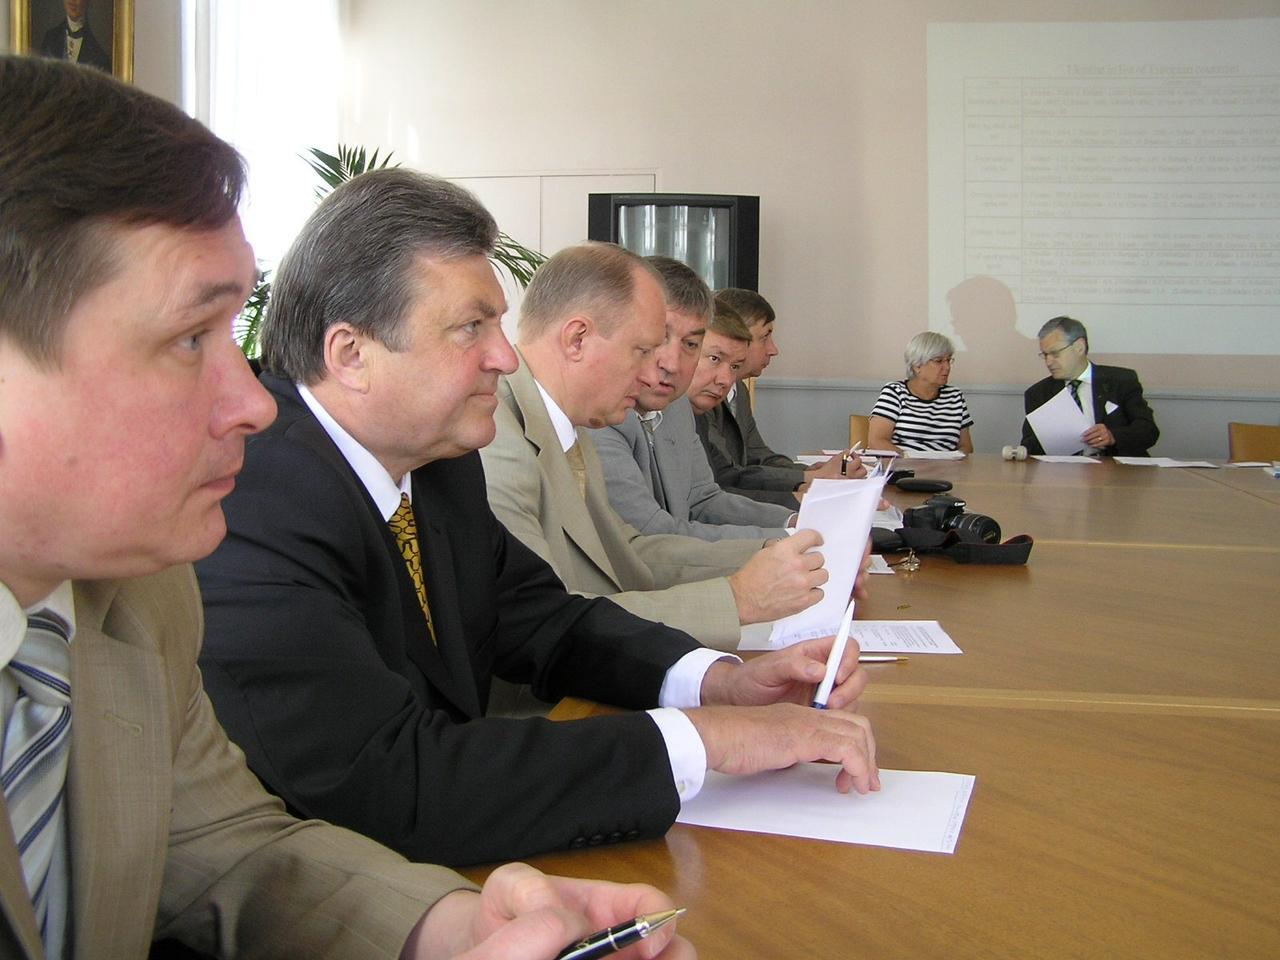 М.Попков: Лесная политика Украины и текущее развитие лесного сектора (Швеция, 2006)